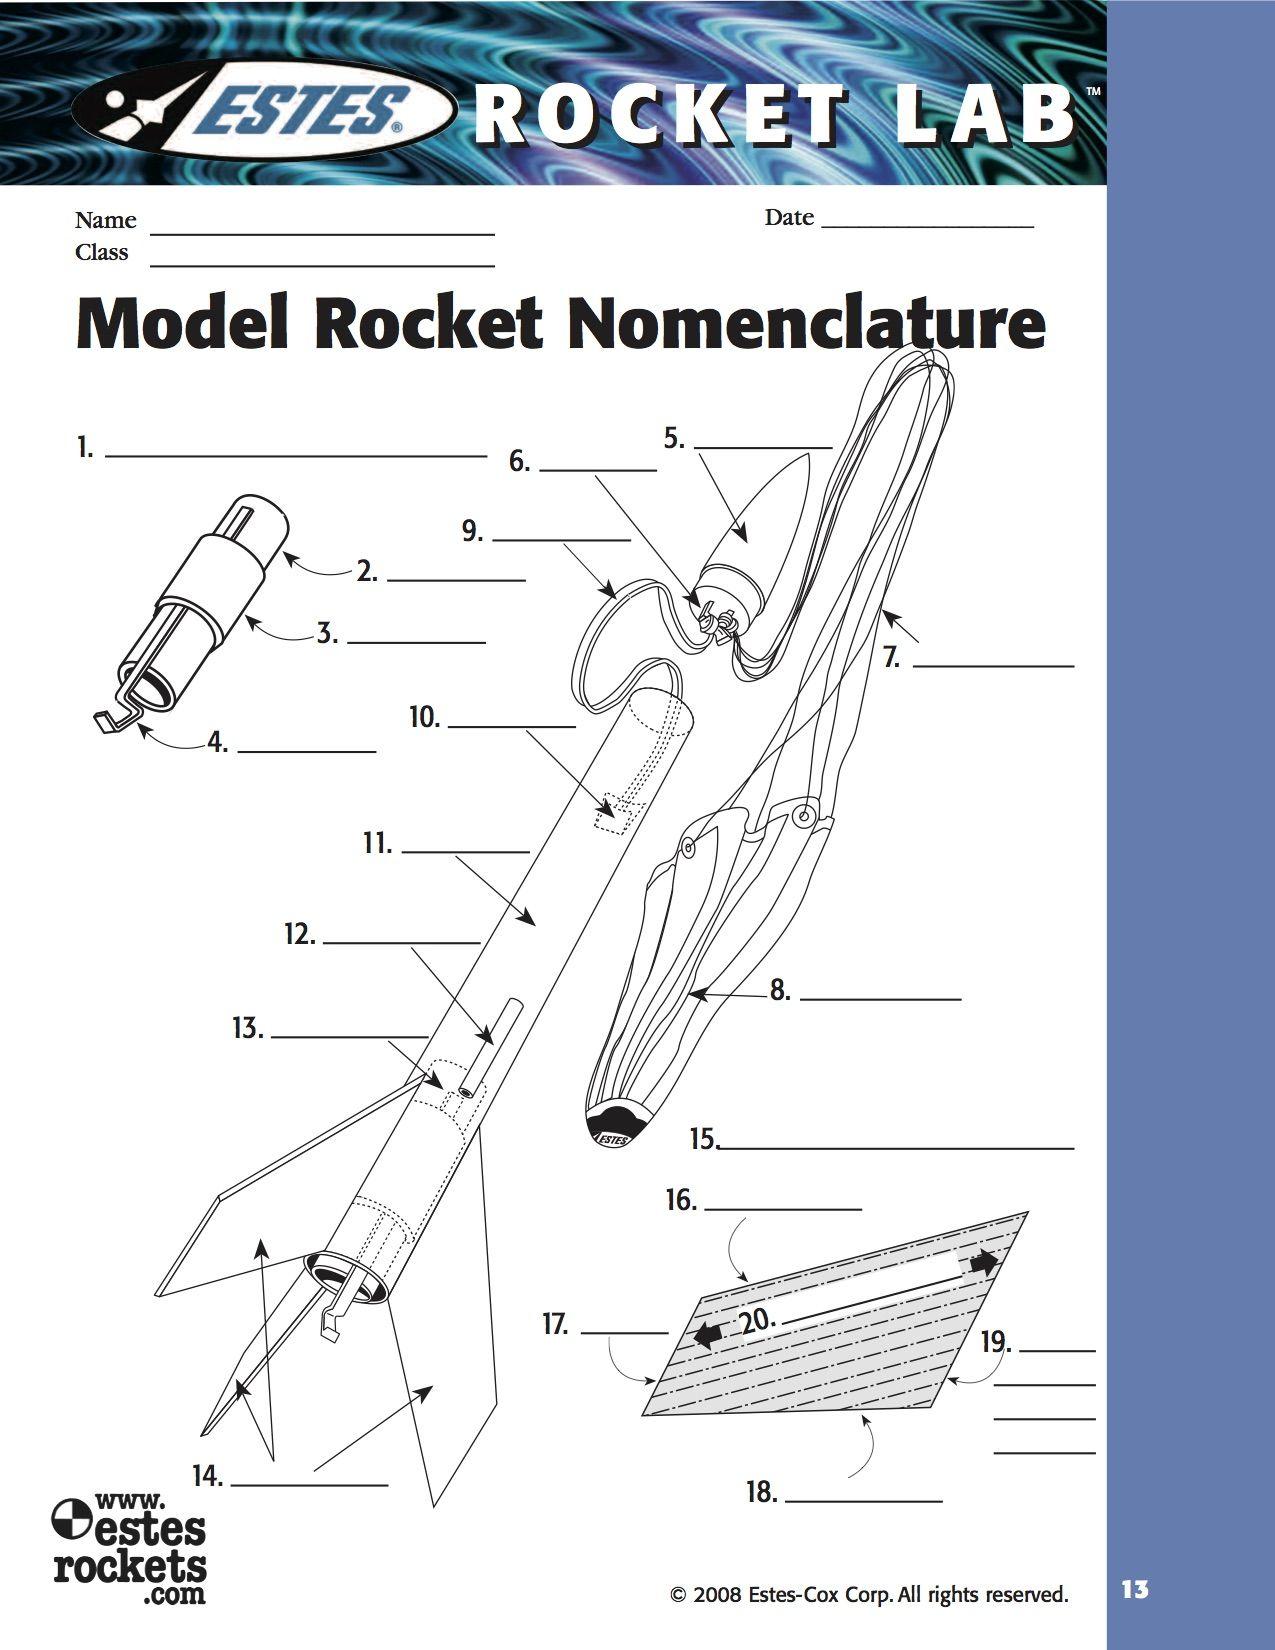 Model Rocket Nomenclature